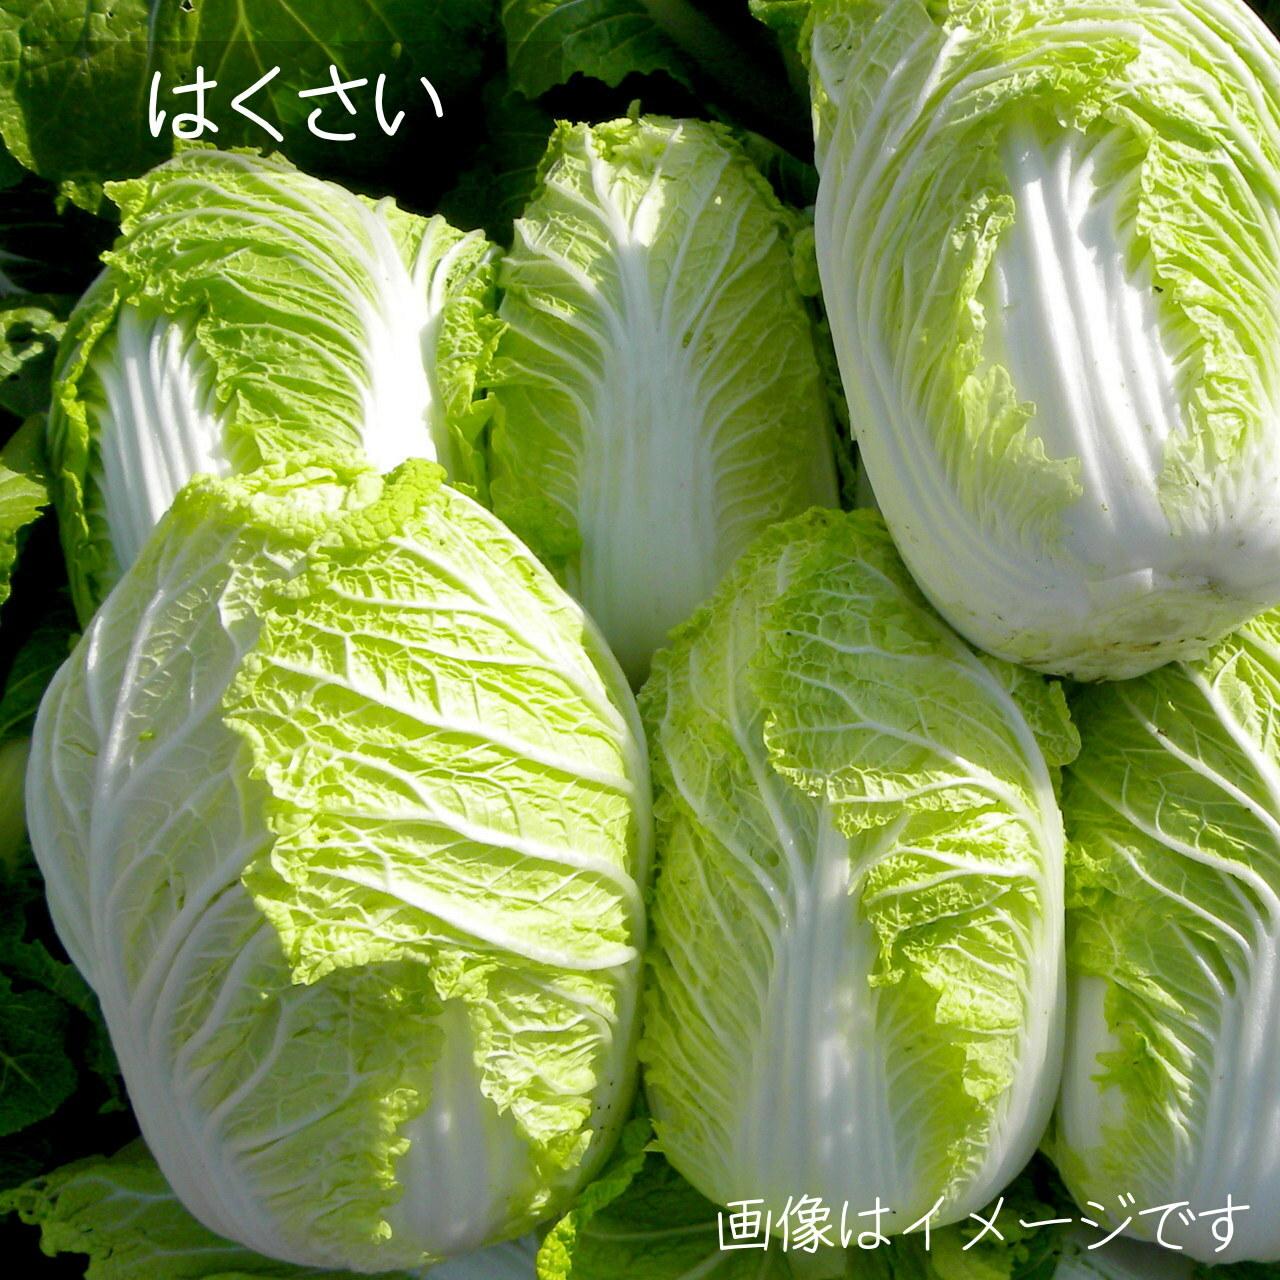 10月の朝採り直売野菜 : 白菜 1個 新鮮な秋野菜 10月17日発送予定